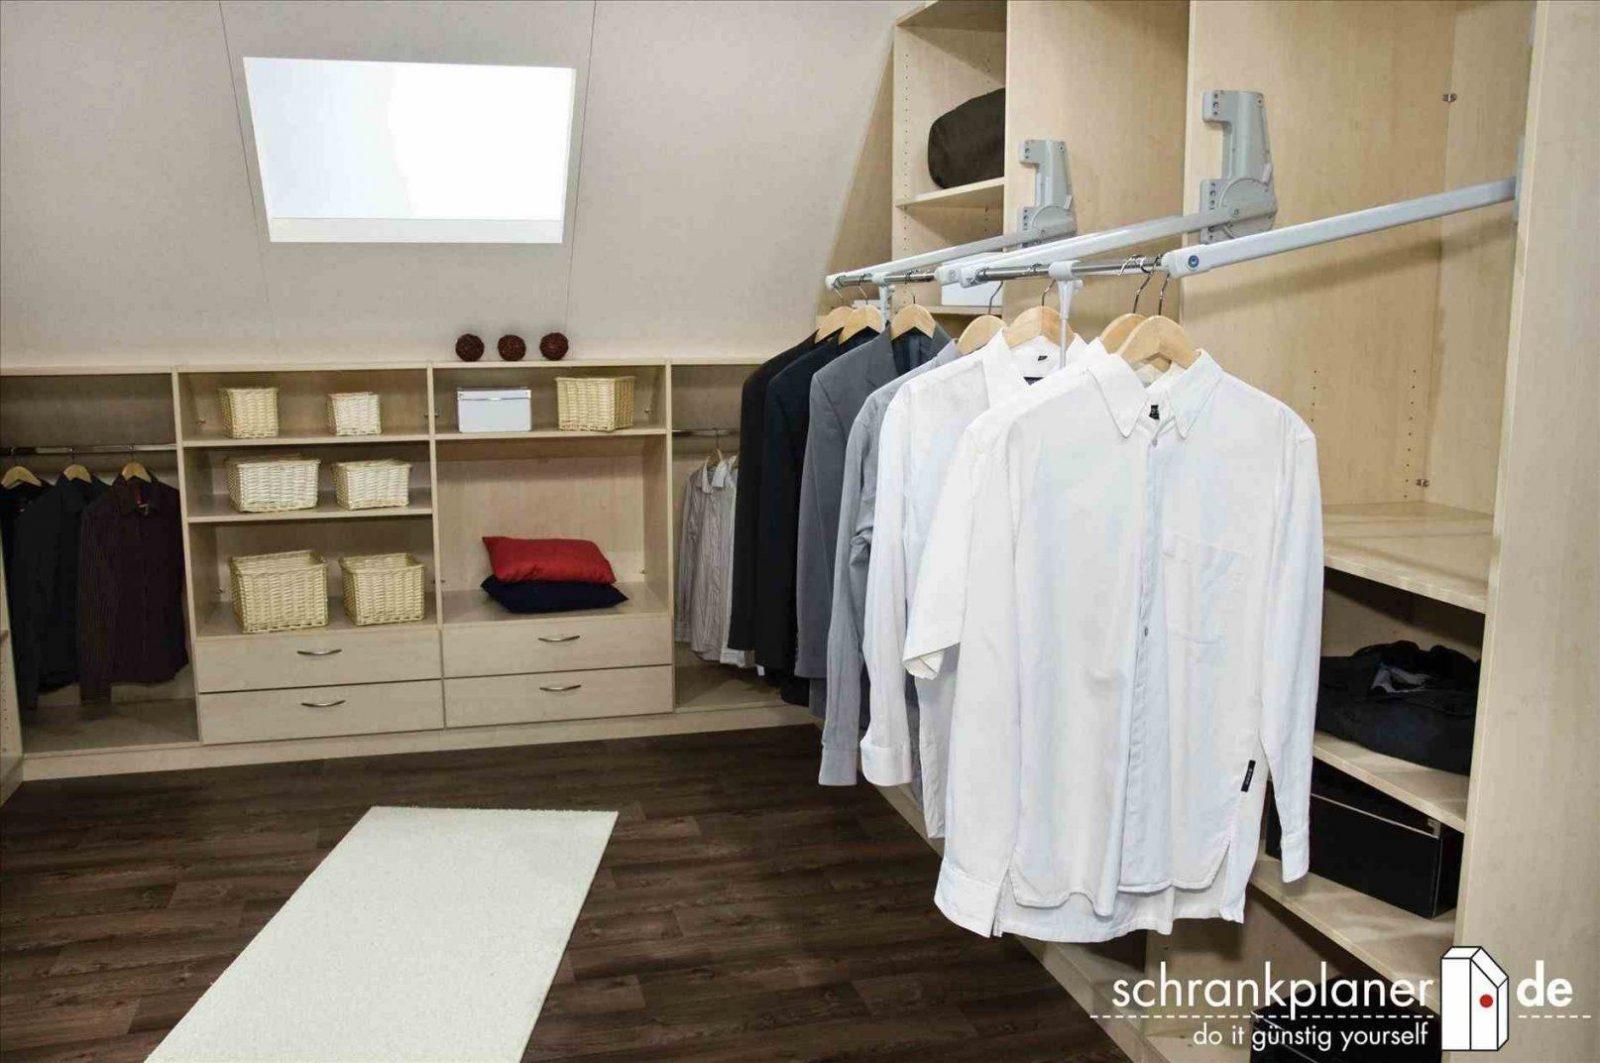 Begehbarer Kleiderschrank Selber Bauen  Conankun von Begehbarer Kleiderschrank Selber Bauen Kosten Bild